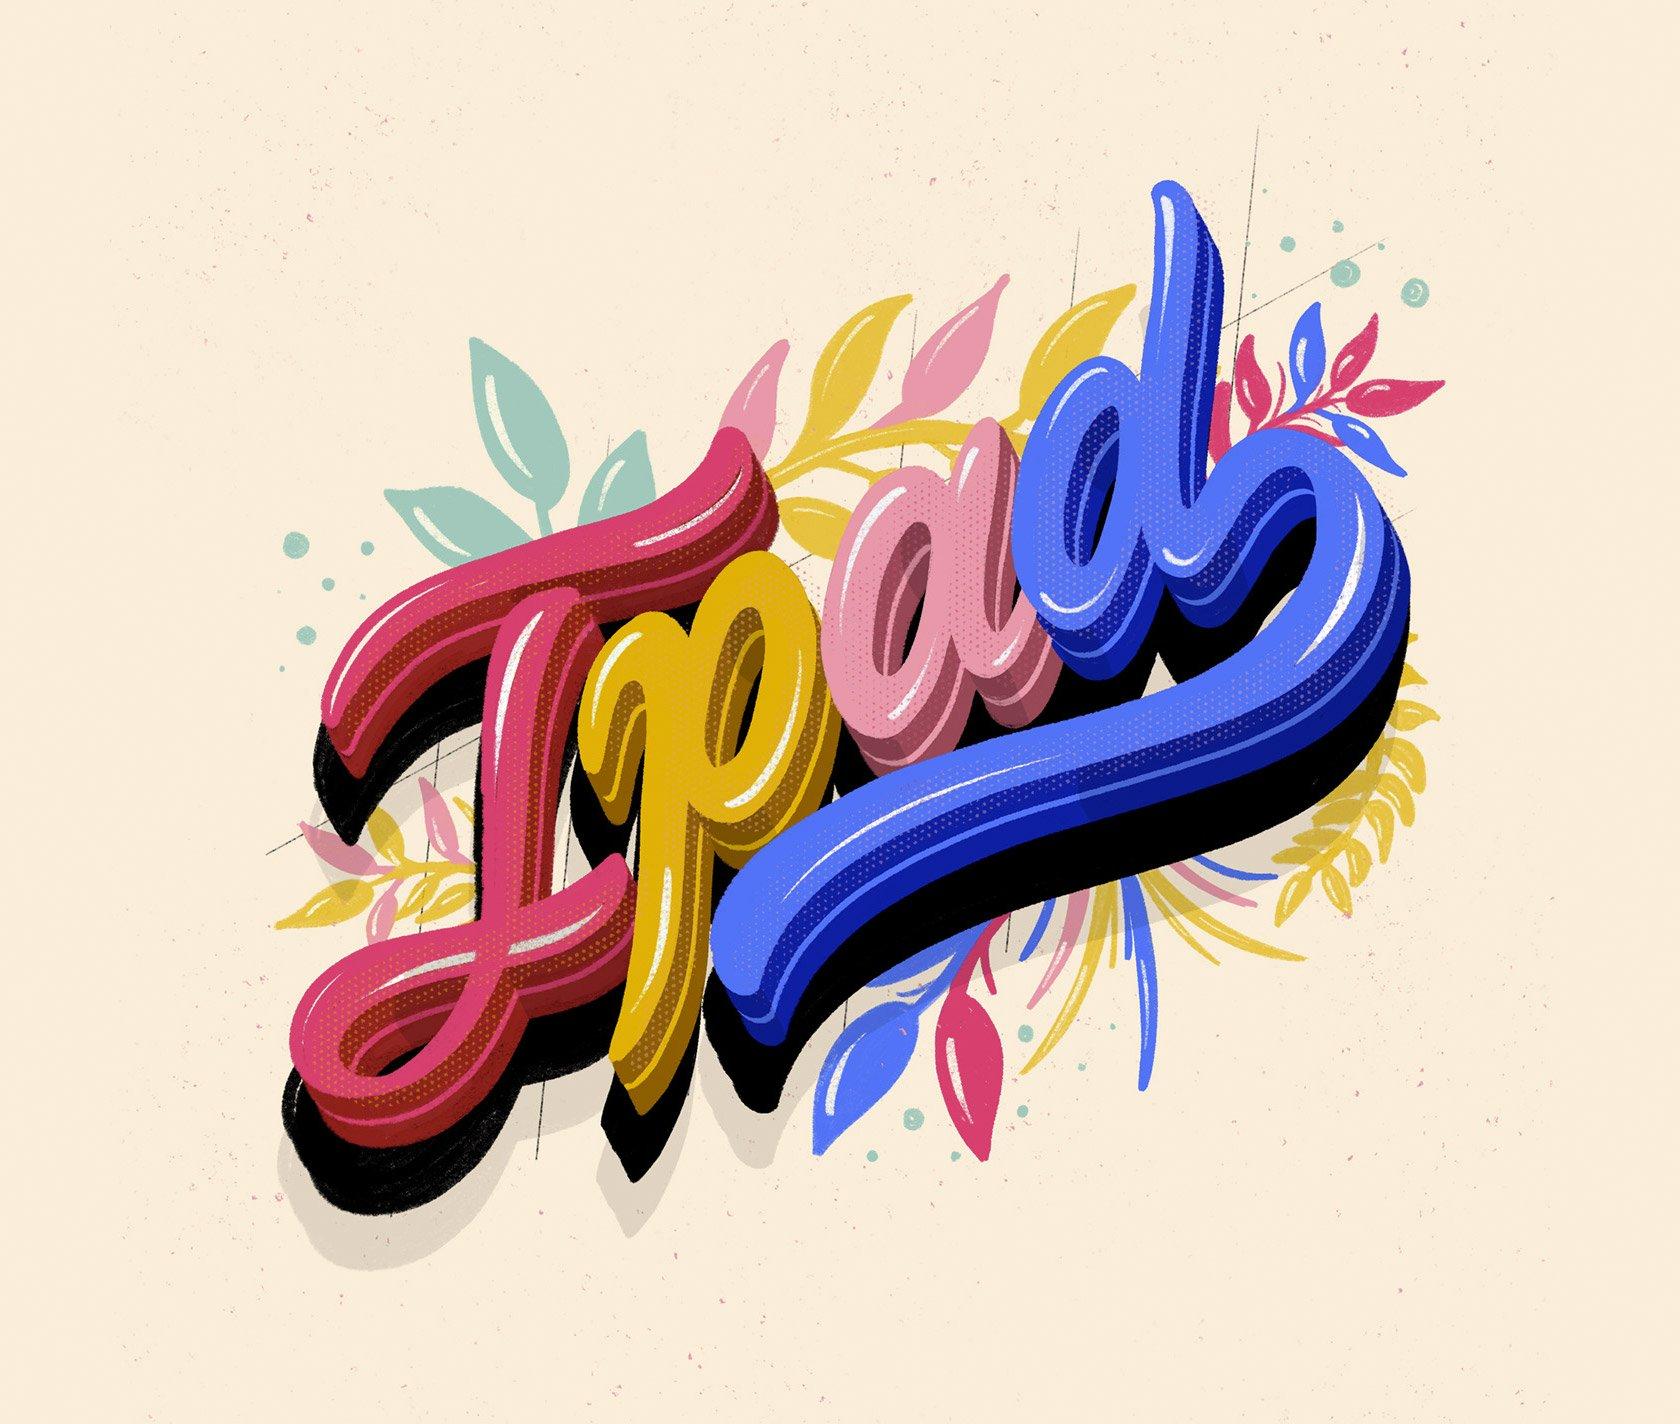 哥伦比亚设计师Nubikini字体艺术作品